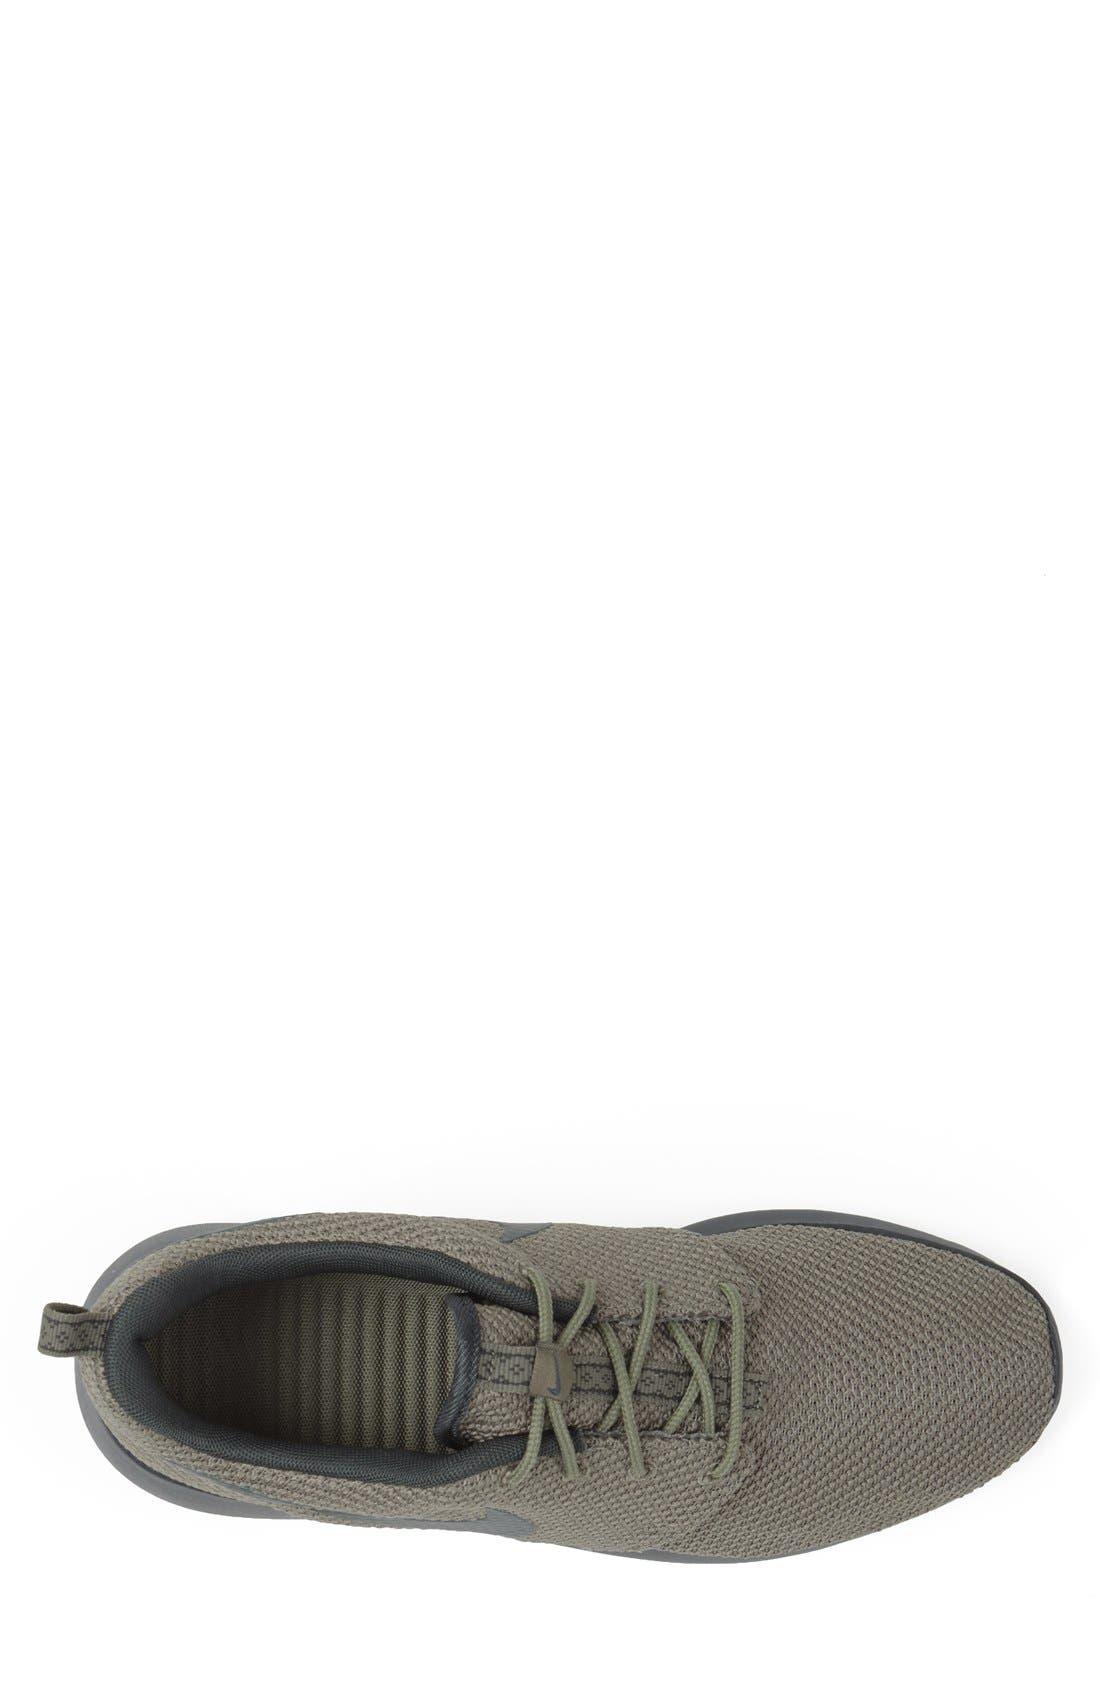 ,                             'Roshe Run' Sneaker,                             Alternate thumbnail 77, color,                             302